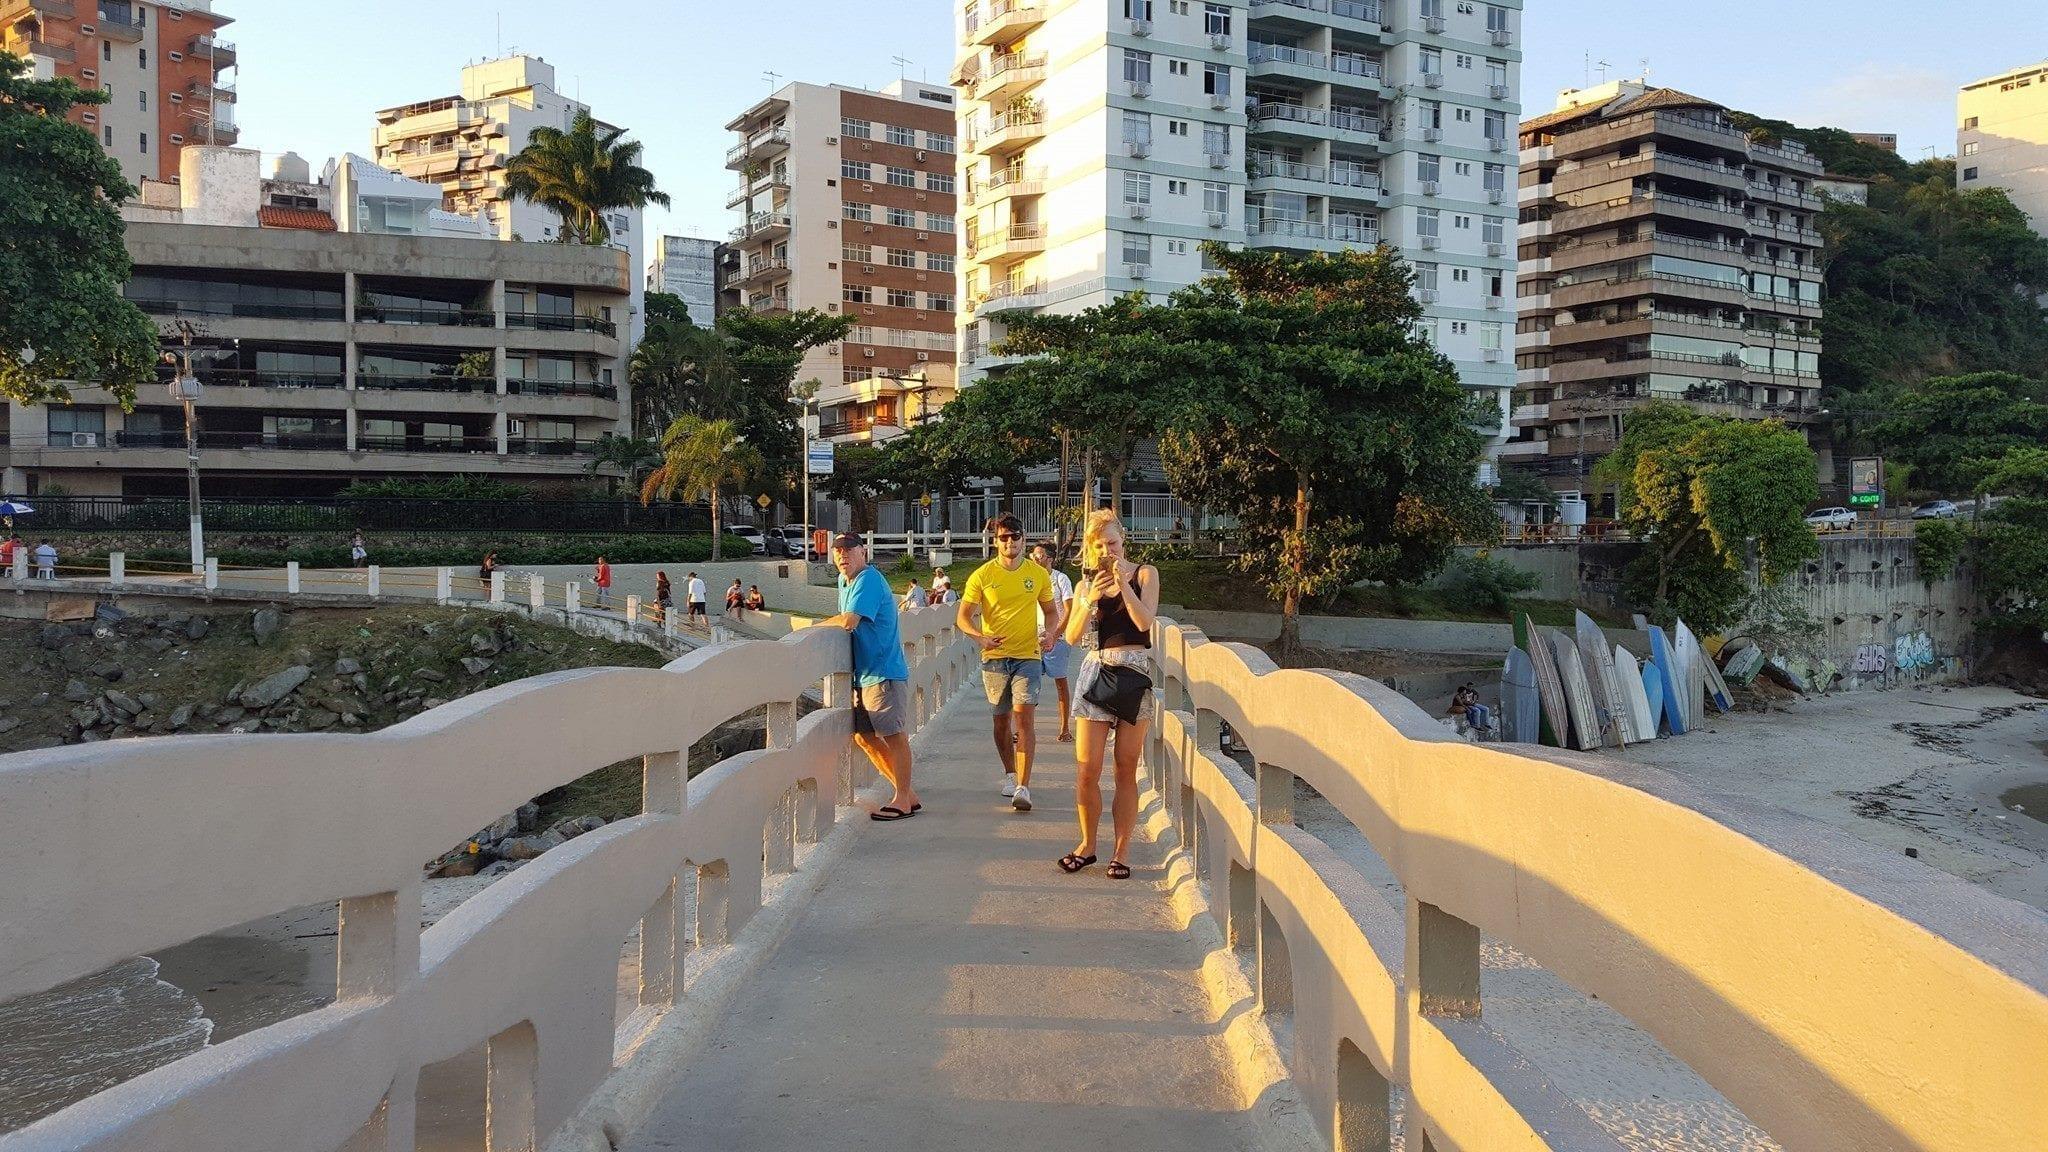 Such a nice city right next to Rio de Janeiro. Visiting Niterói.